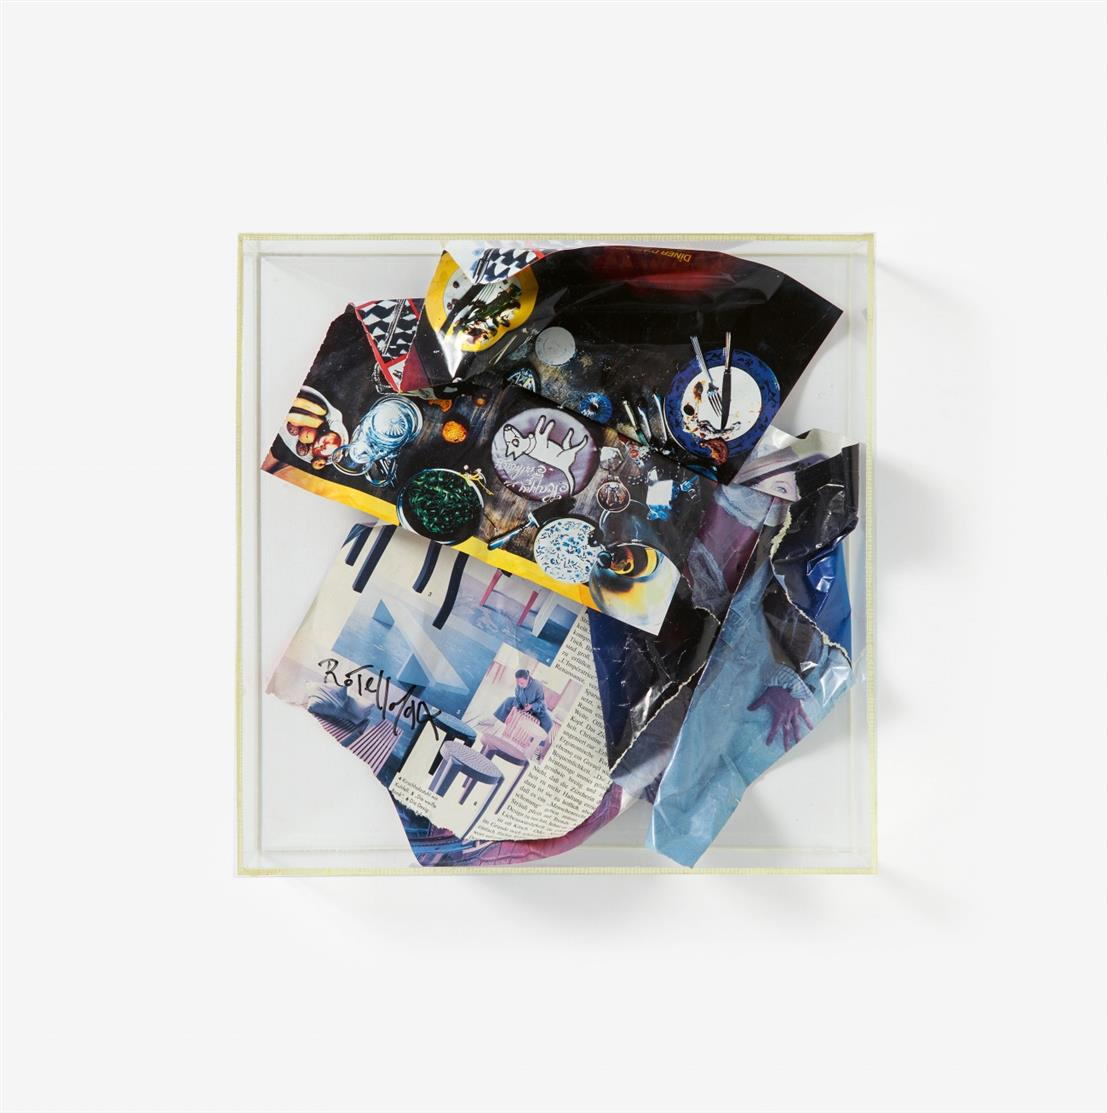 Mimmo Rotella. Ohne Titel (Love Love). 1994. Collage in Plexiglaskasten. Signiert. Eines von 50 Ex.